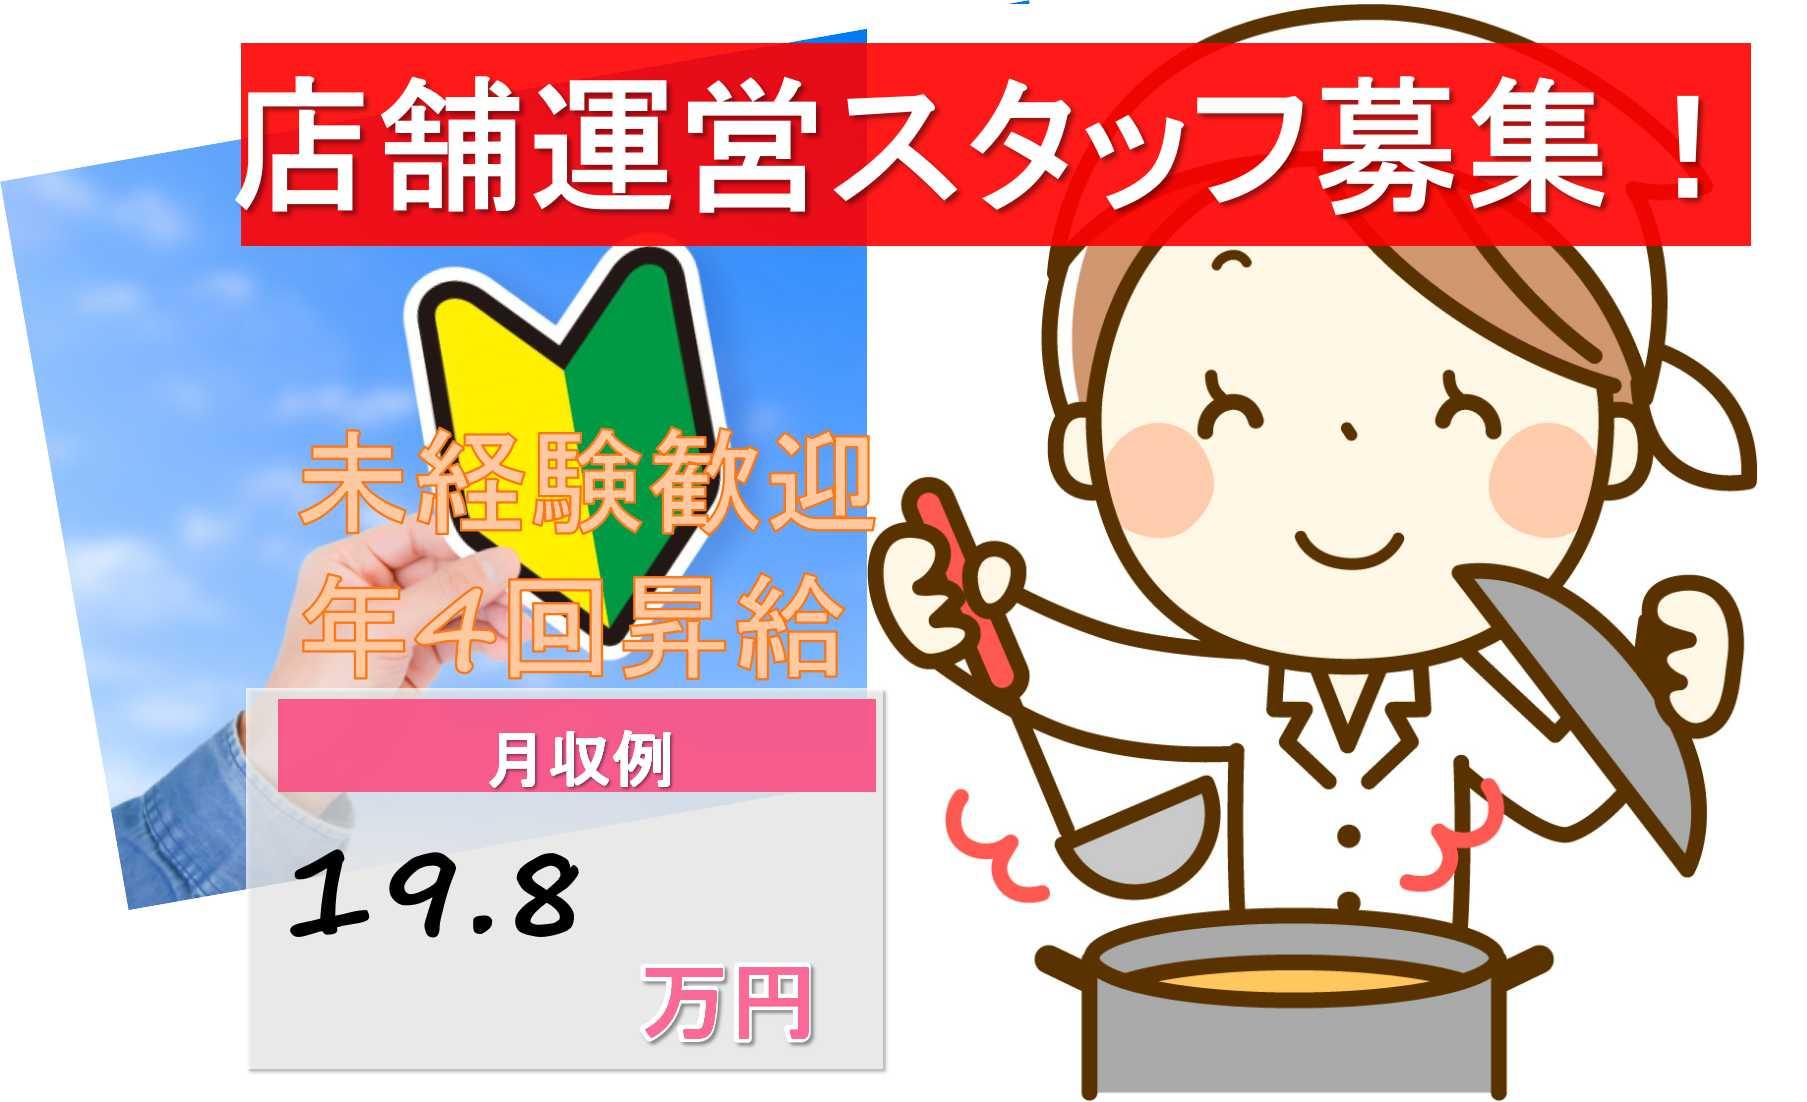 【急募】未経験歓迎★研修充実!牛丼屋の店舗運営スタッフ イメージ